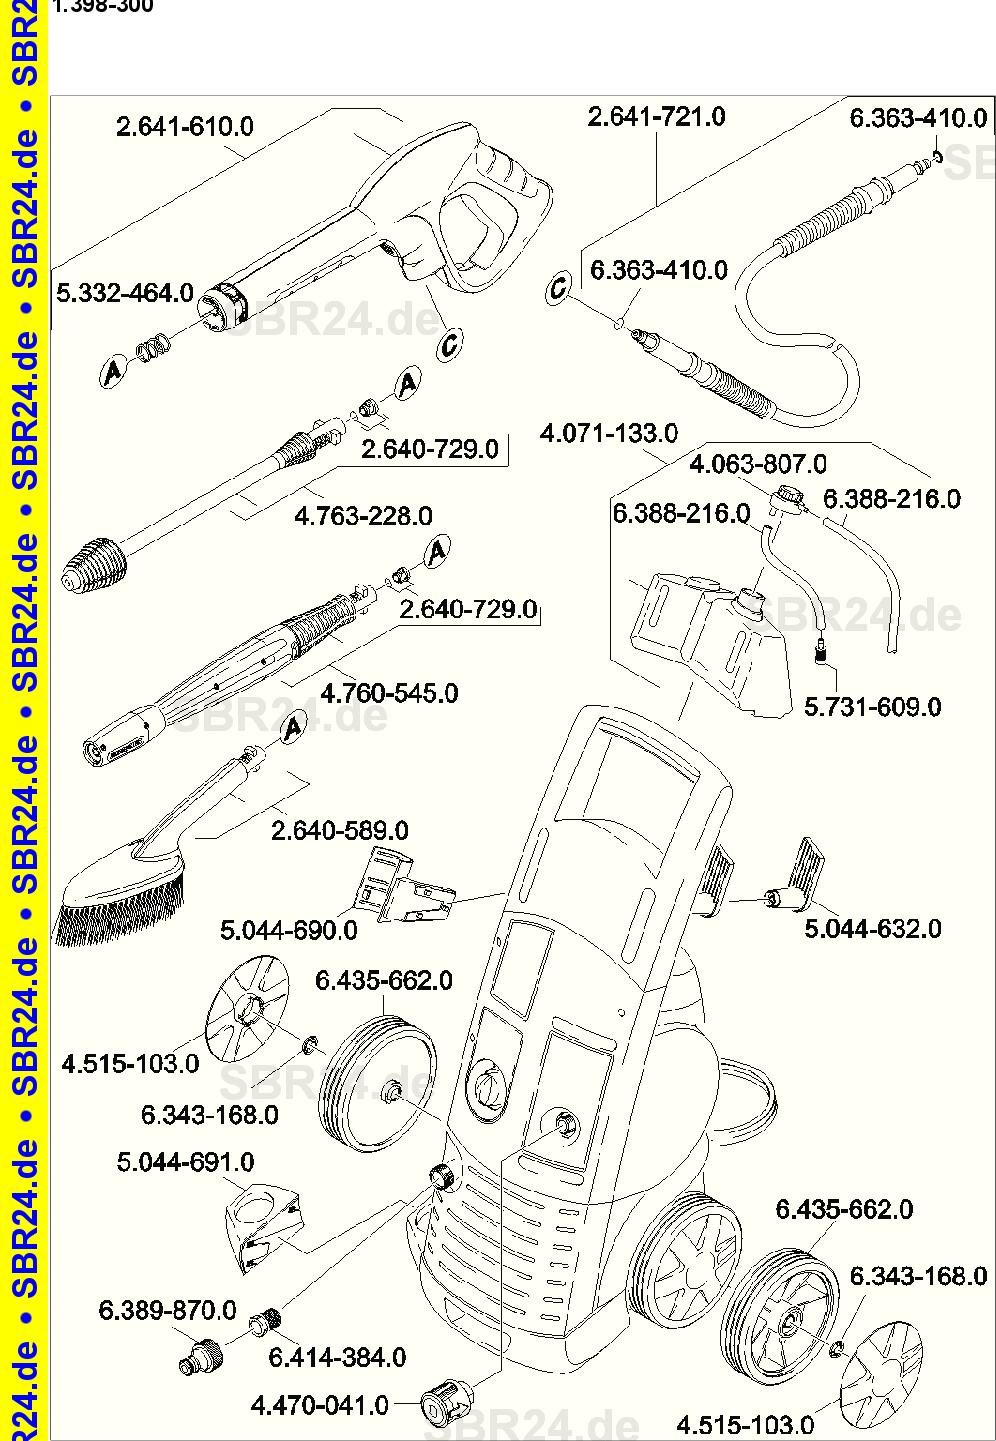 /347.0/Radkappe Set nur f/ür Ersatz Karcher 4.515/